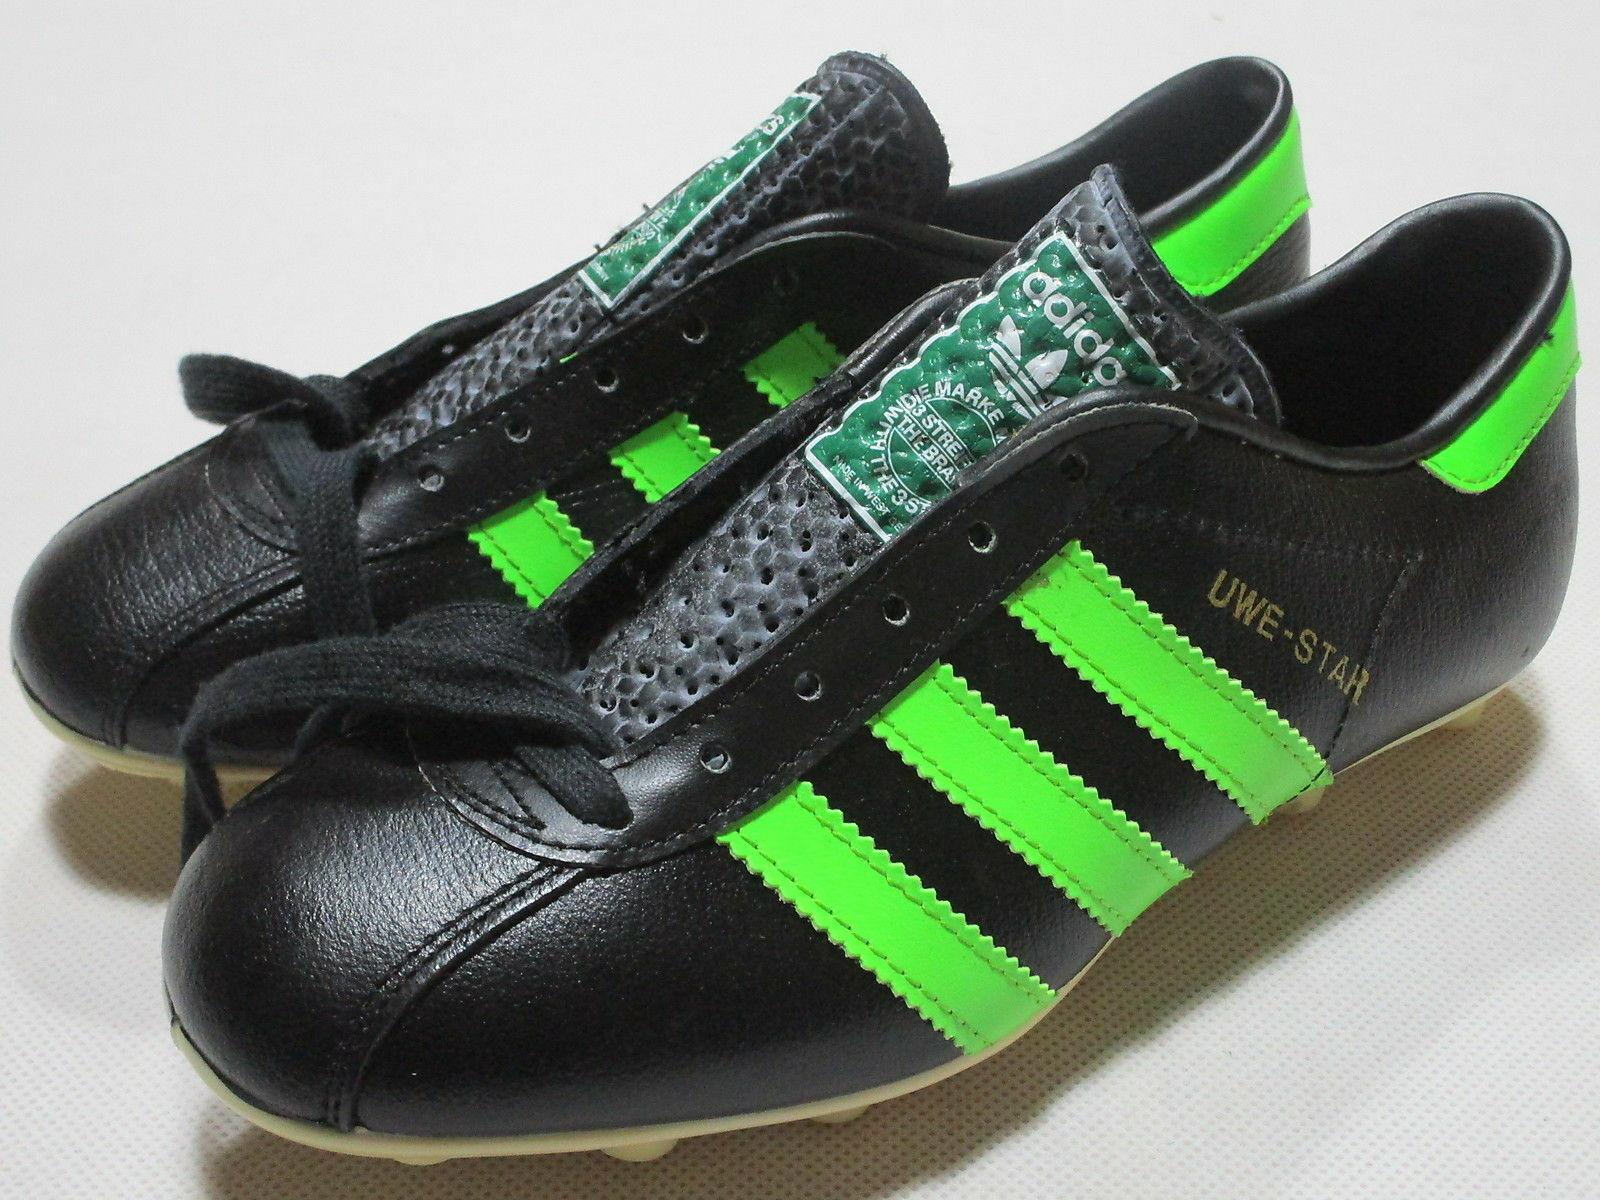 Adidas Uwe-Star  Fussball Schuhe Soccer schuhe Fussball West Germany Seeler 80s 4  | Fuxin